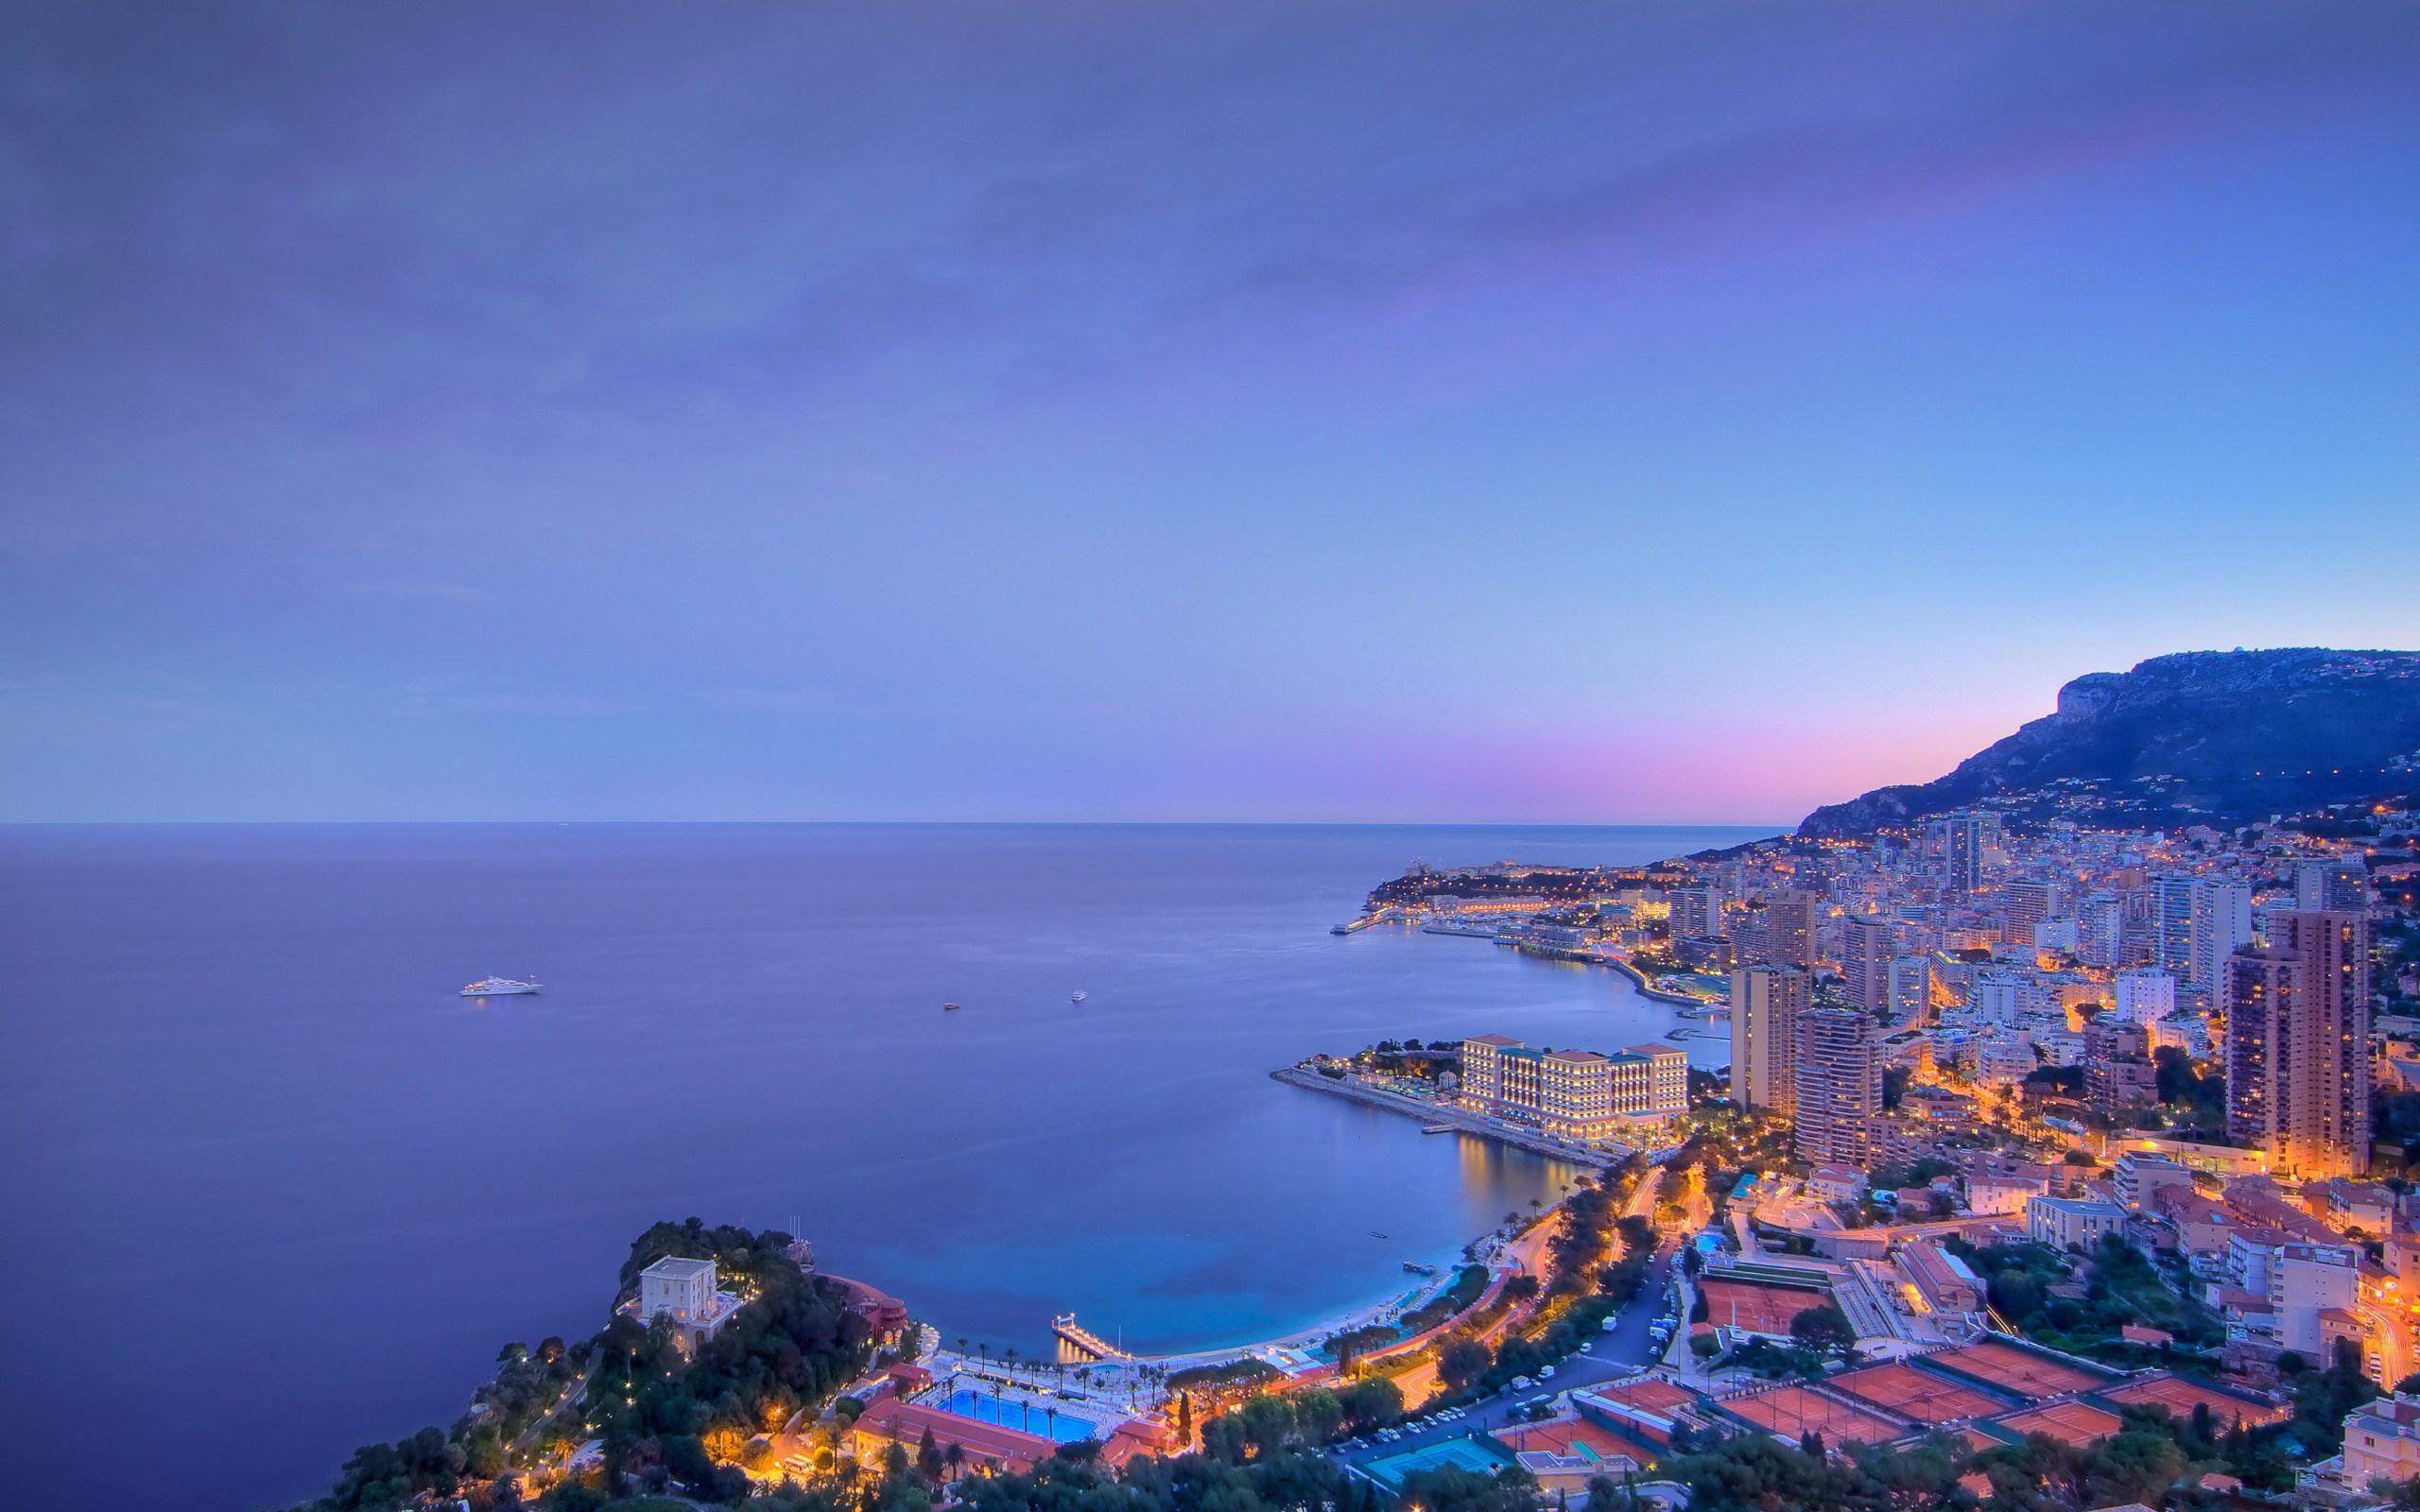 Monaco in Twilight HD wallpaper 2560x1600